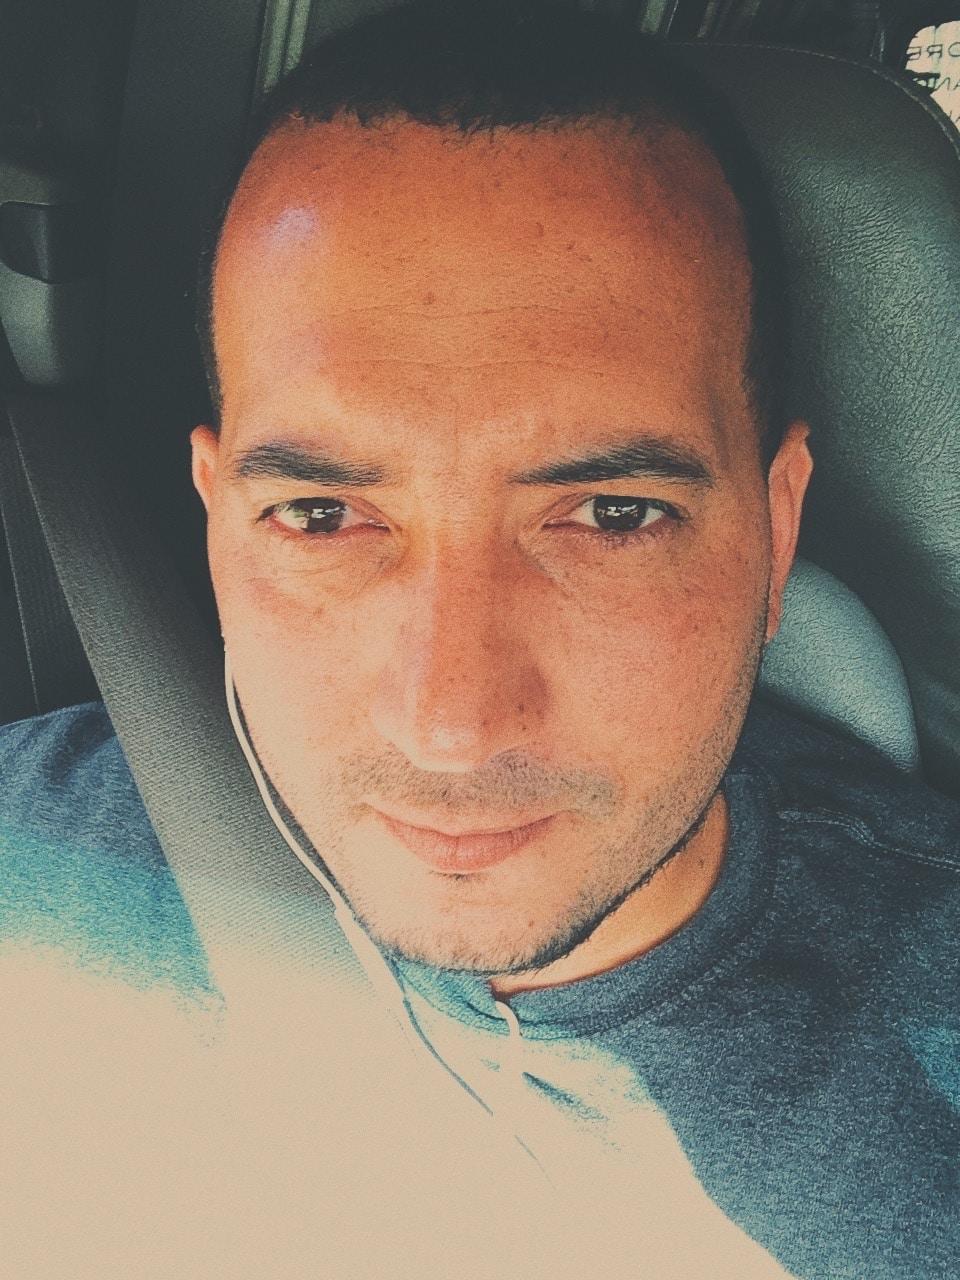 Go to oscar tineo's profile